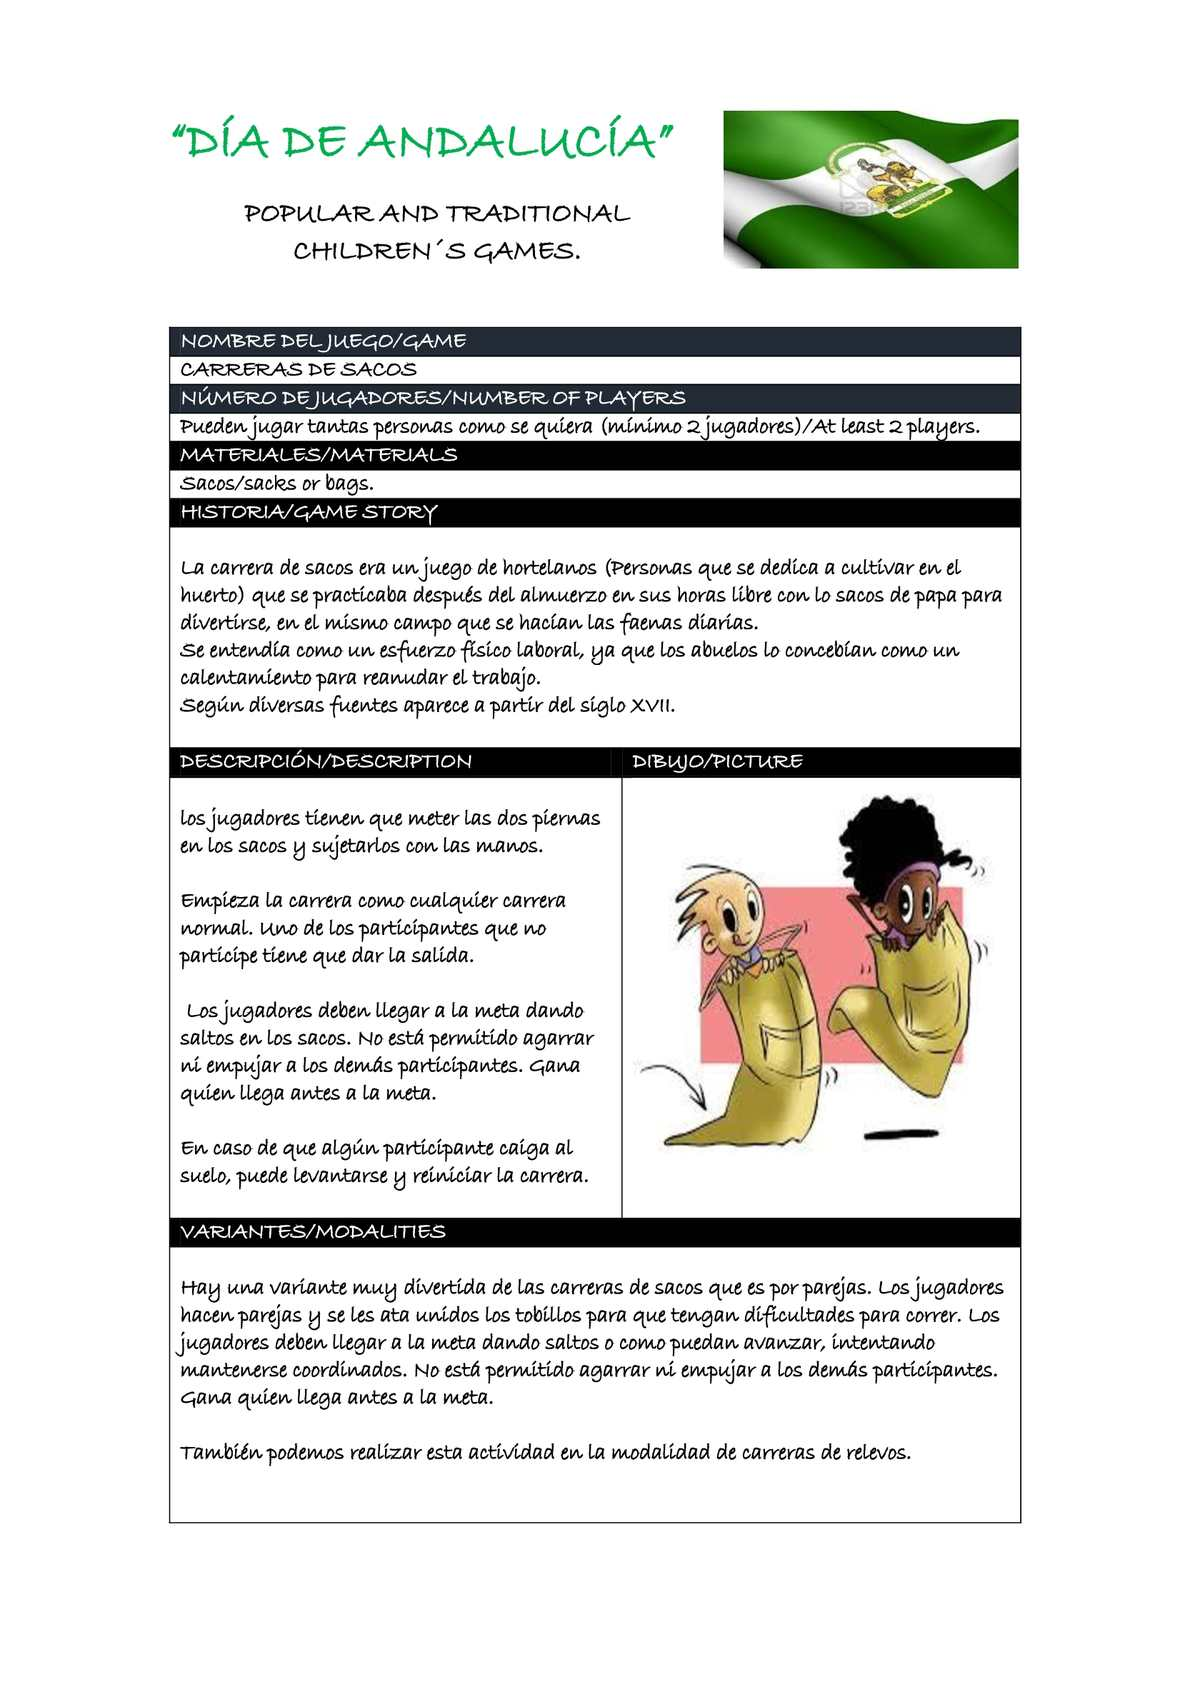 Calaméo - Fichas De Juegos Día De Andalucía